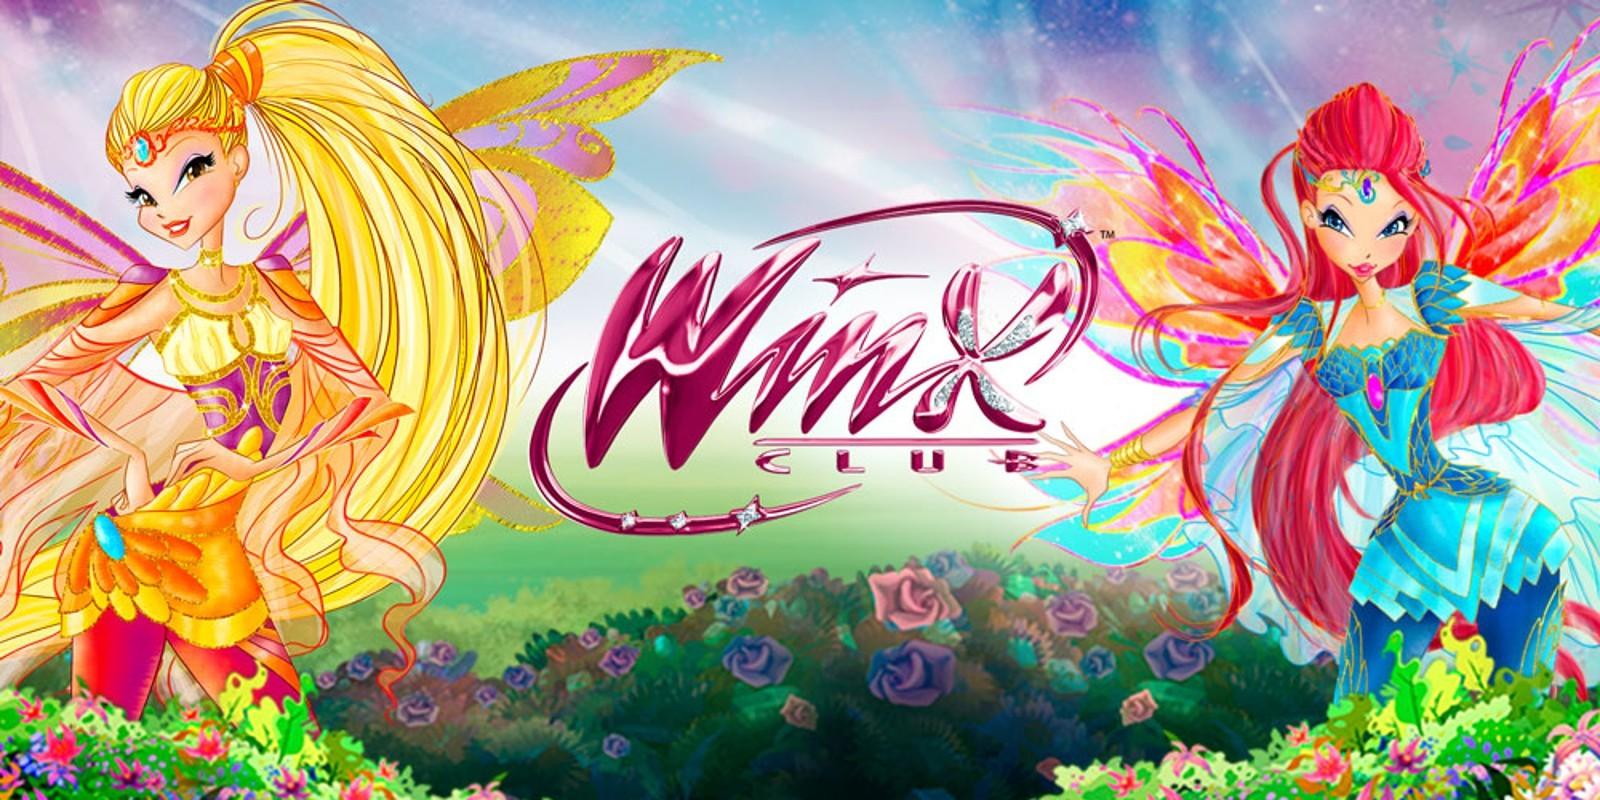 Connais-tu bien les personnages de Winx Club ?